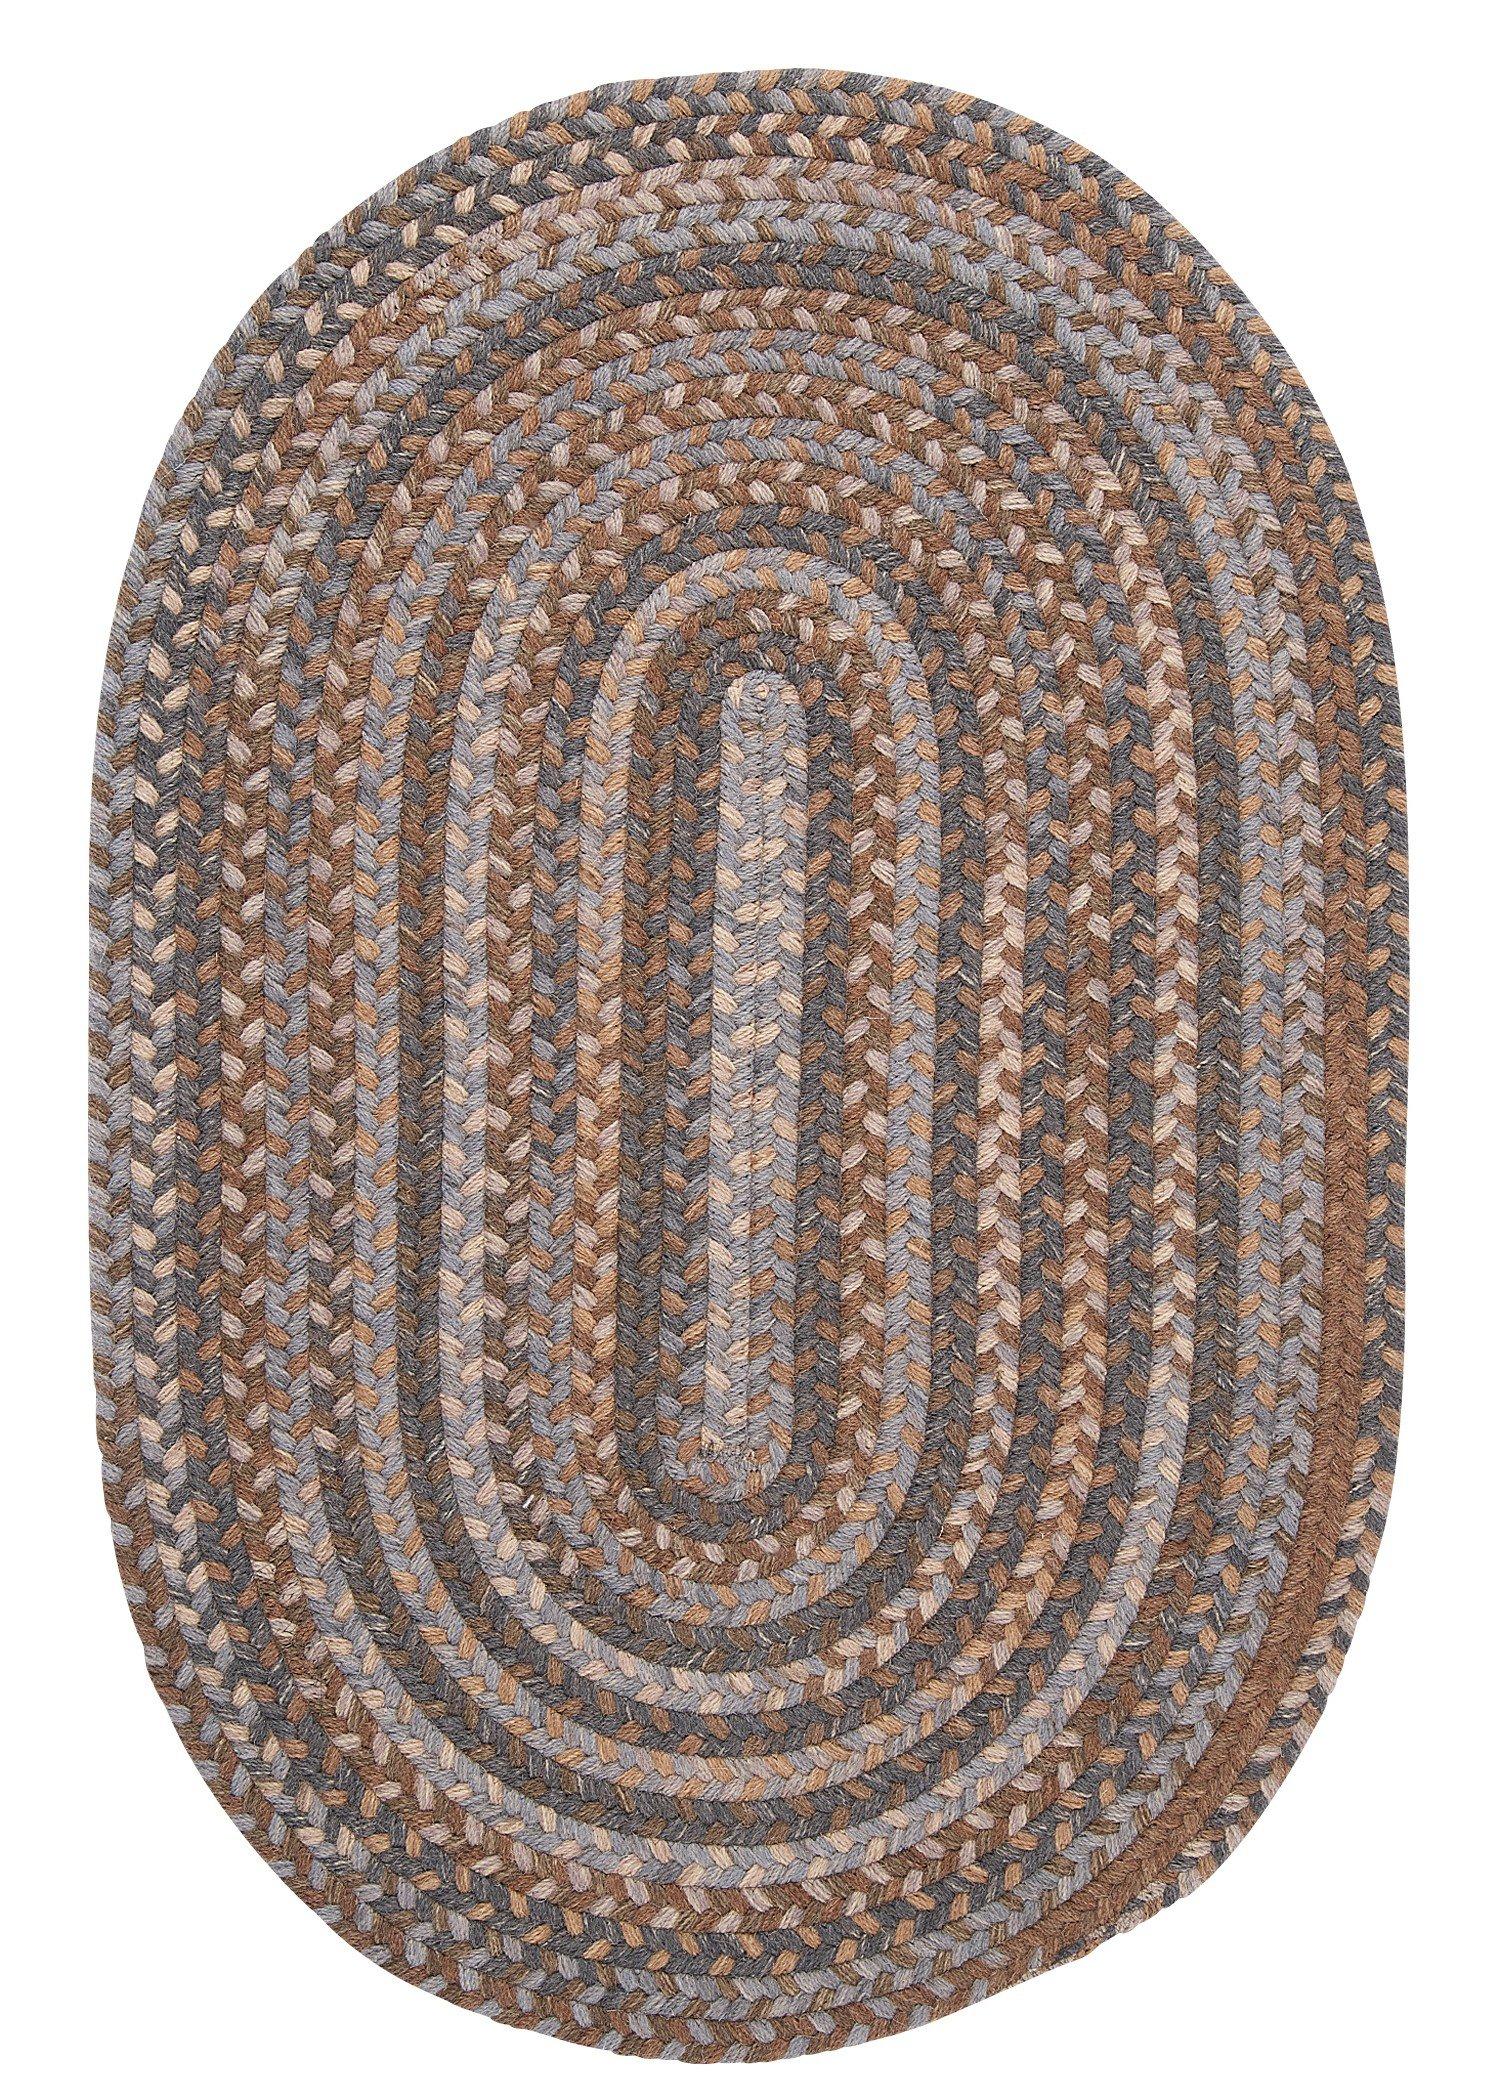 Oak Harbour Round Rug, 6-Feet, Graphite